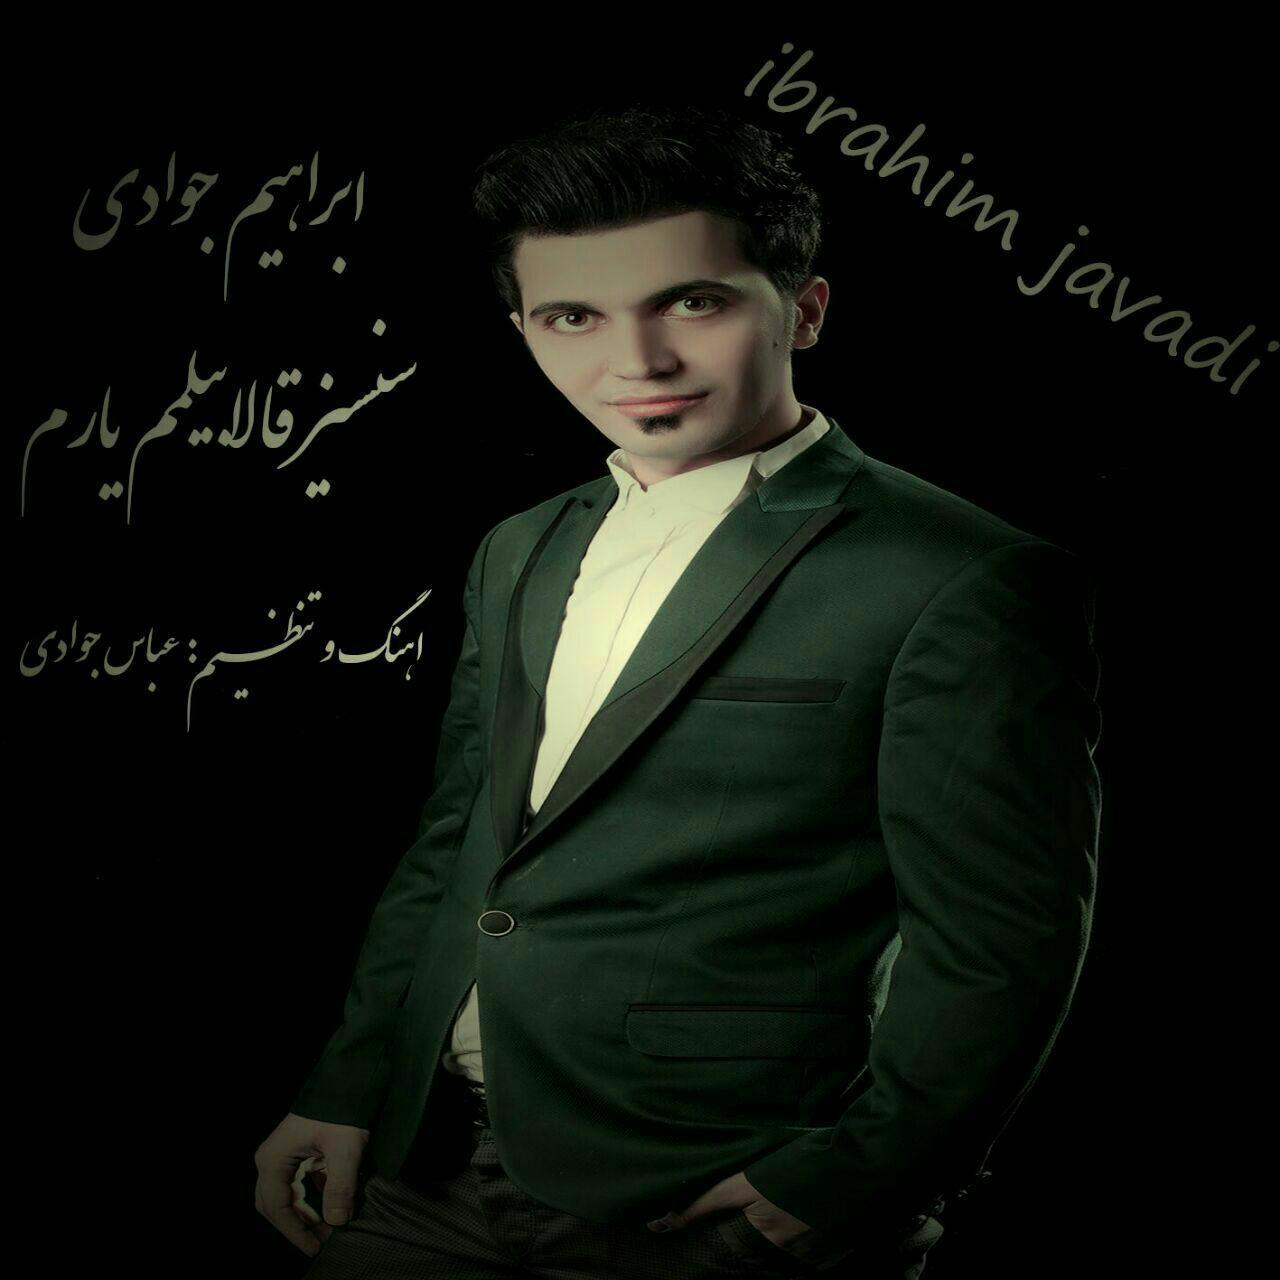 http://s8.picofile.com/file/8308784176/10Ebrahim_Javadi_Sansiz_Ghala_Bilmam_Yarim.jpg